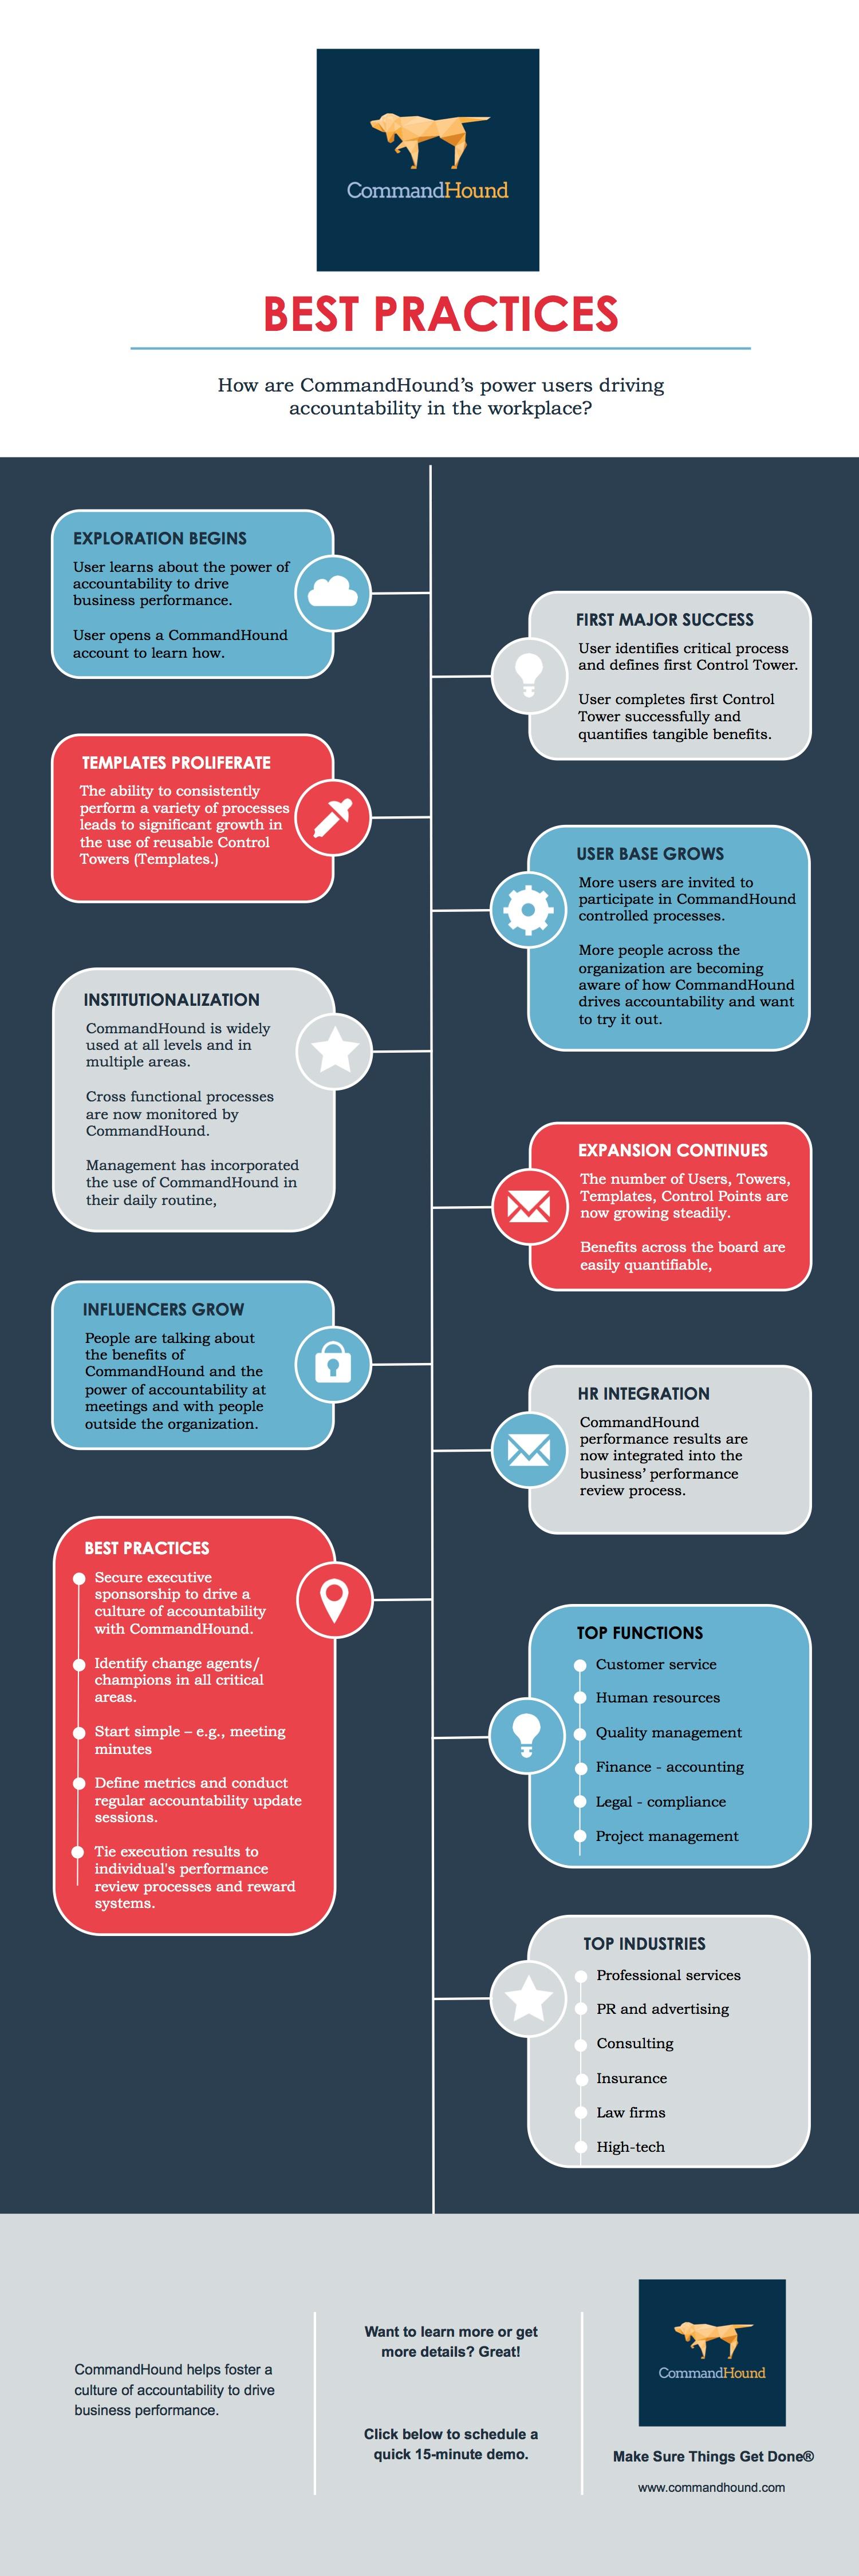 CommandHound Best Practices Infographic